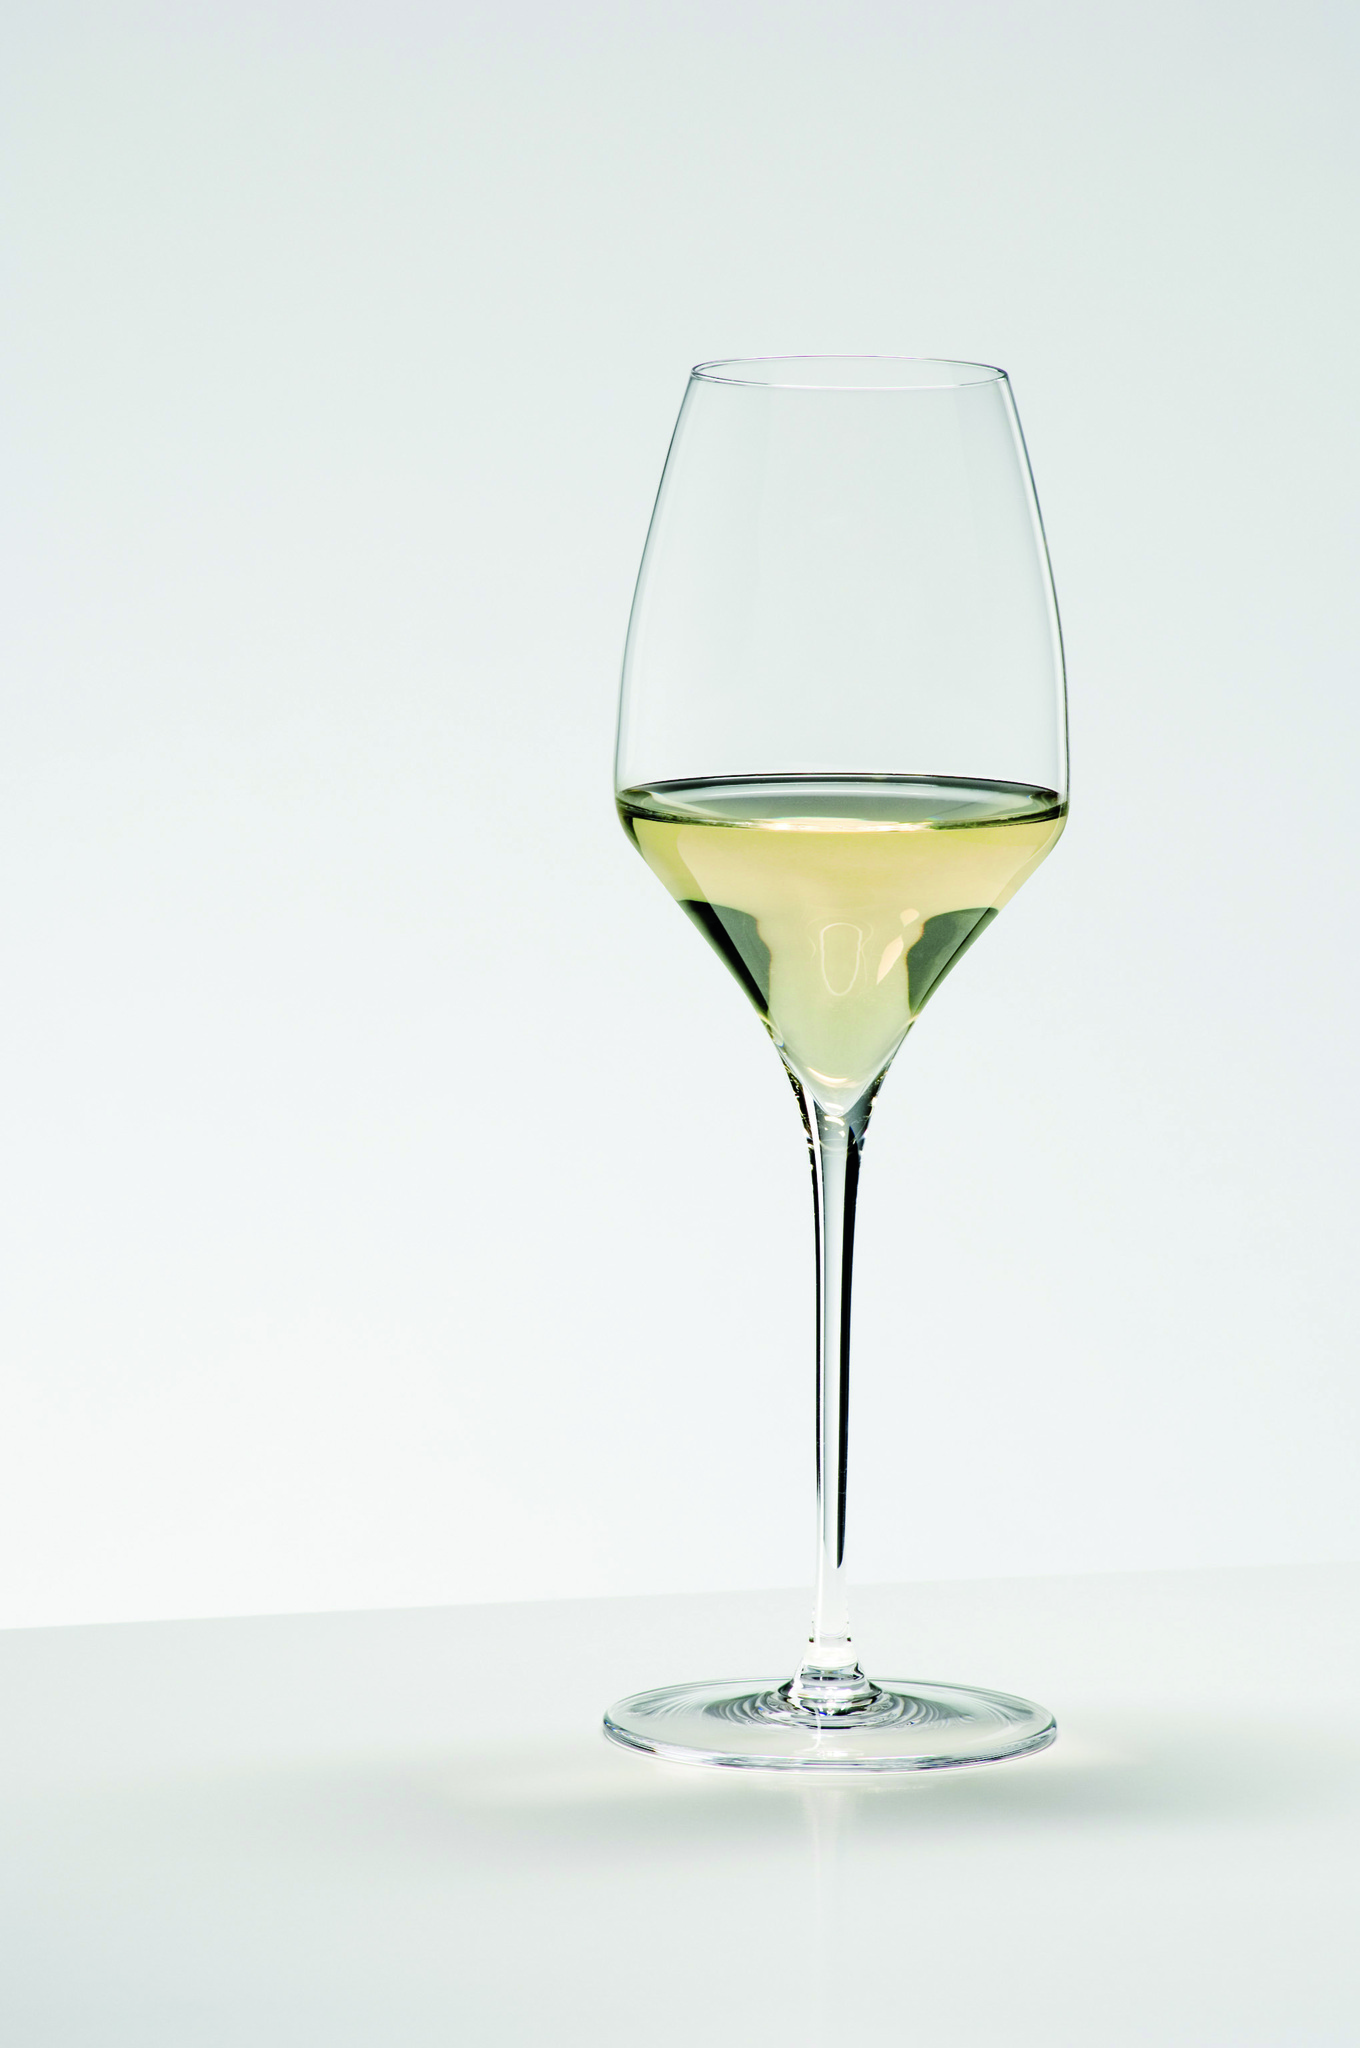 Бокалы Набор бокалов для белого вина 2шт 490мл Riedel Vitis Riesling nabor-bokalov-dlya-vina-2-sht-490-ml-riedel-riesling-avstriya.jpg